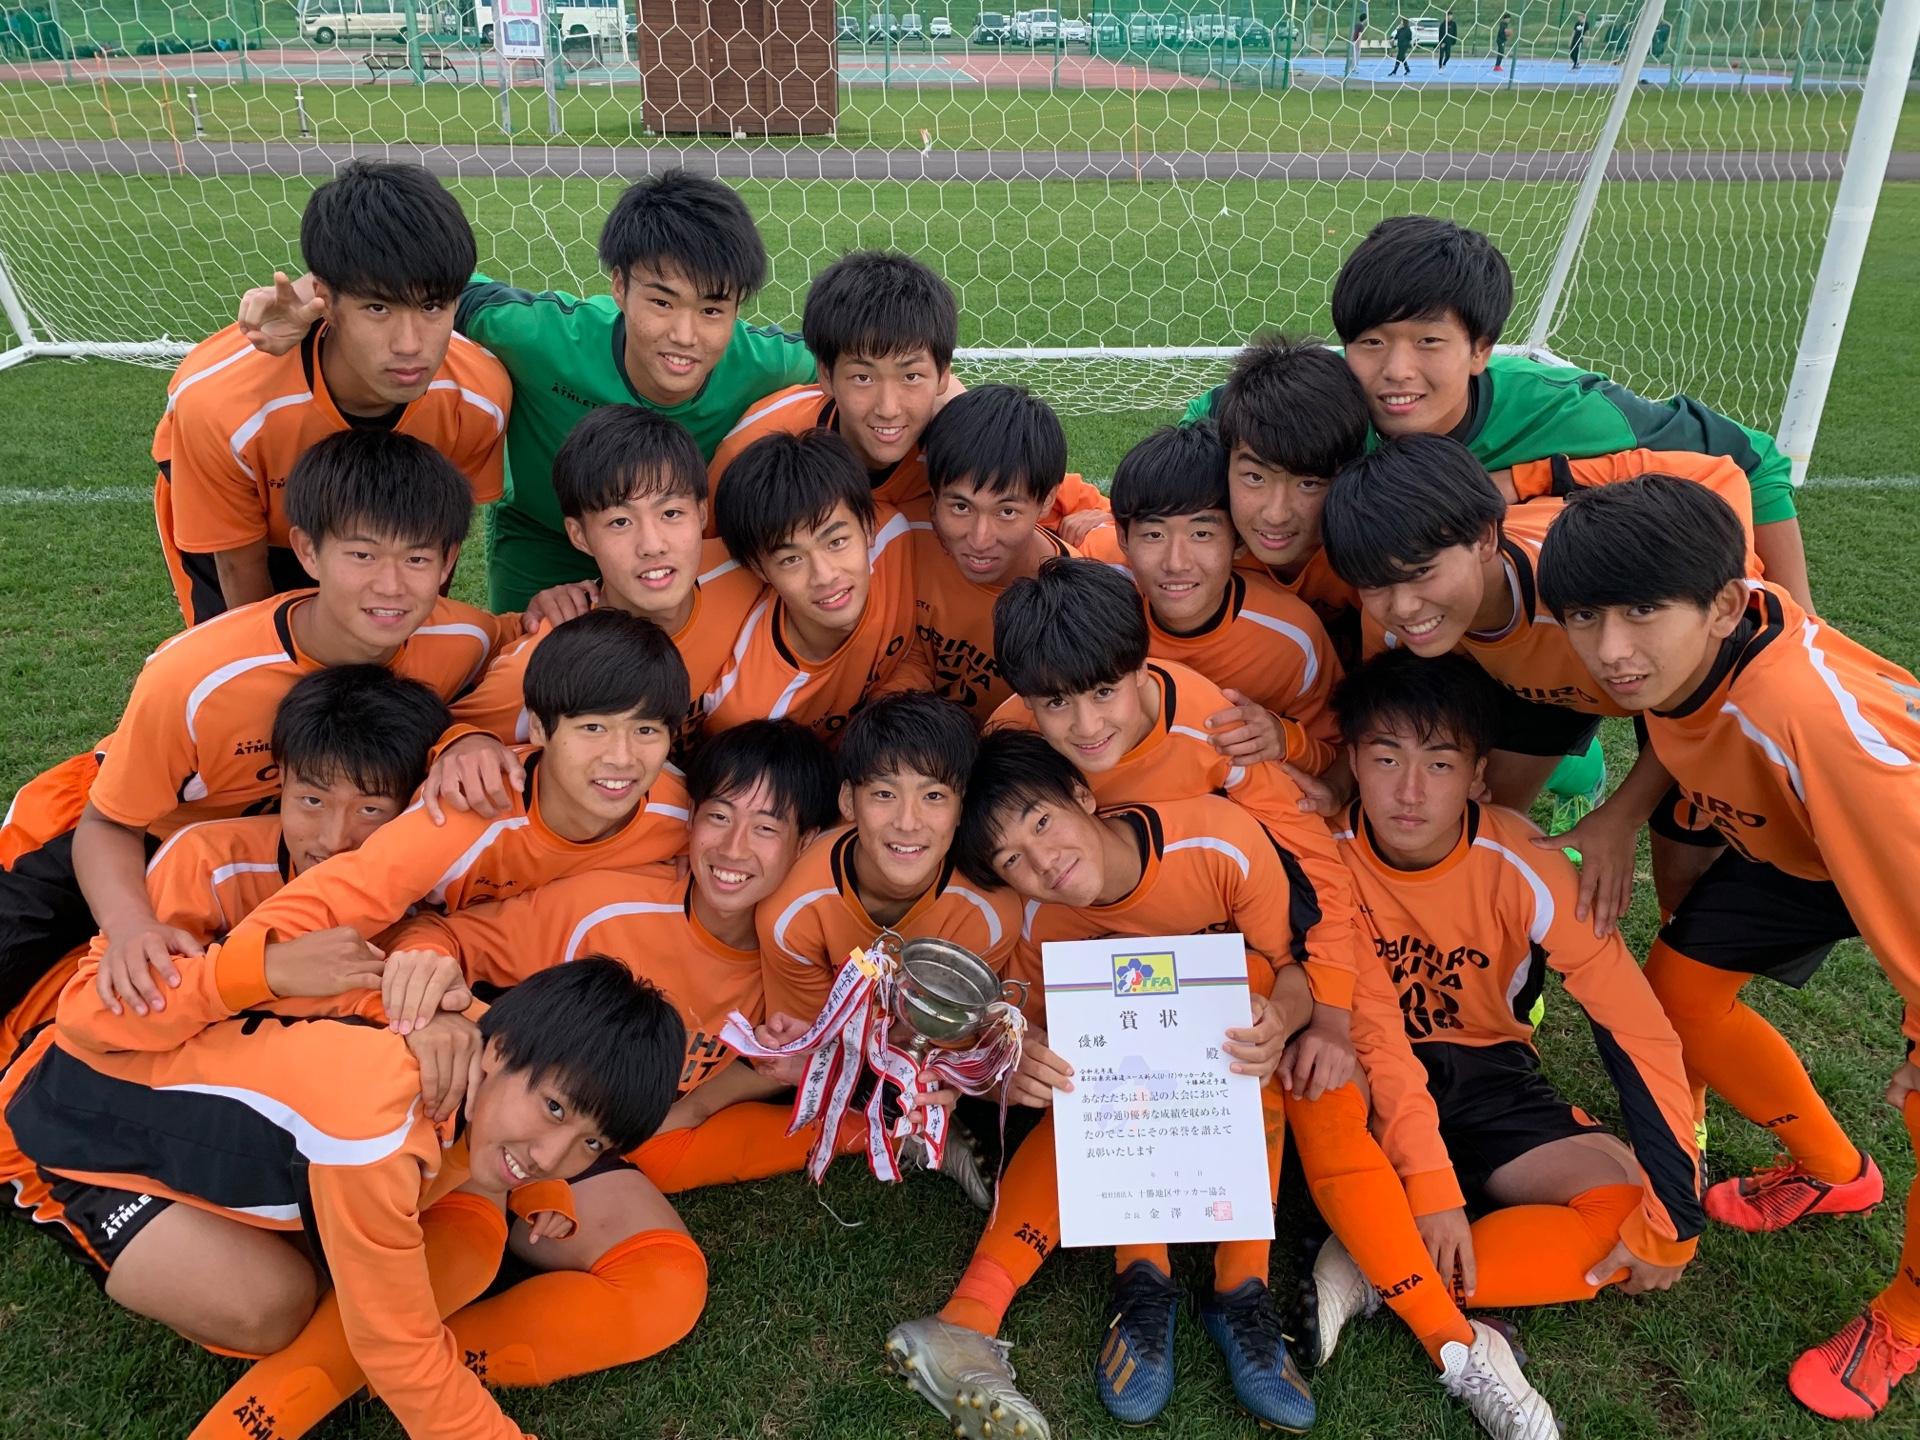 北海道 サッカー 掲示板 トレセン活動情報 : 北海道サッカーBBS(掲示板)